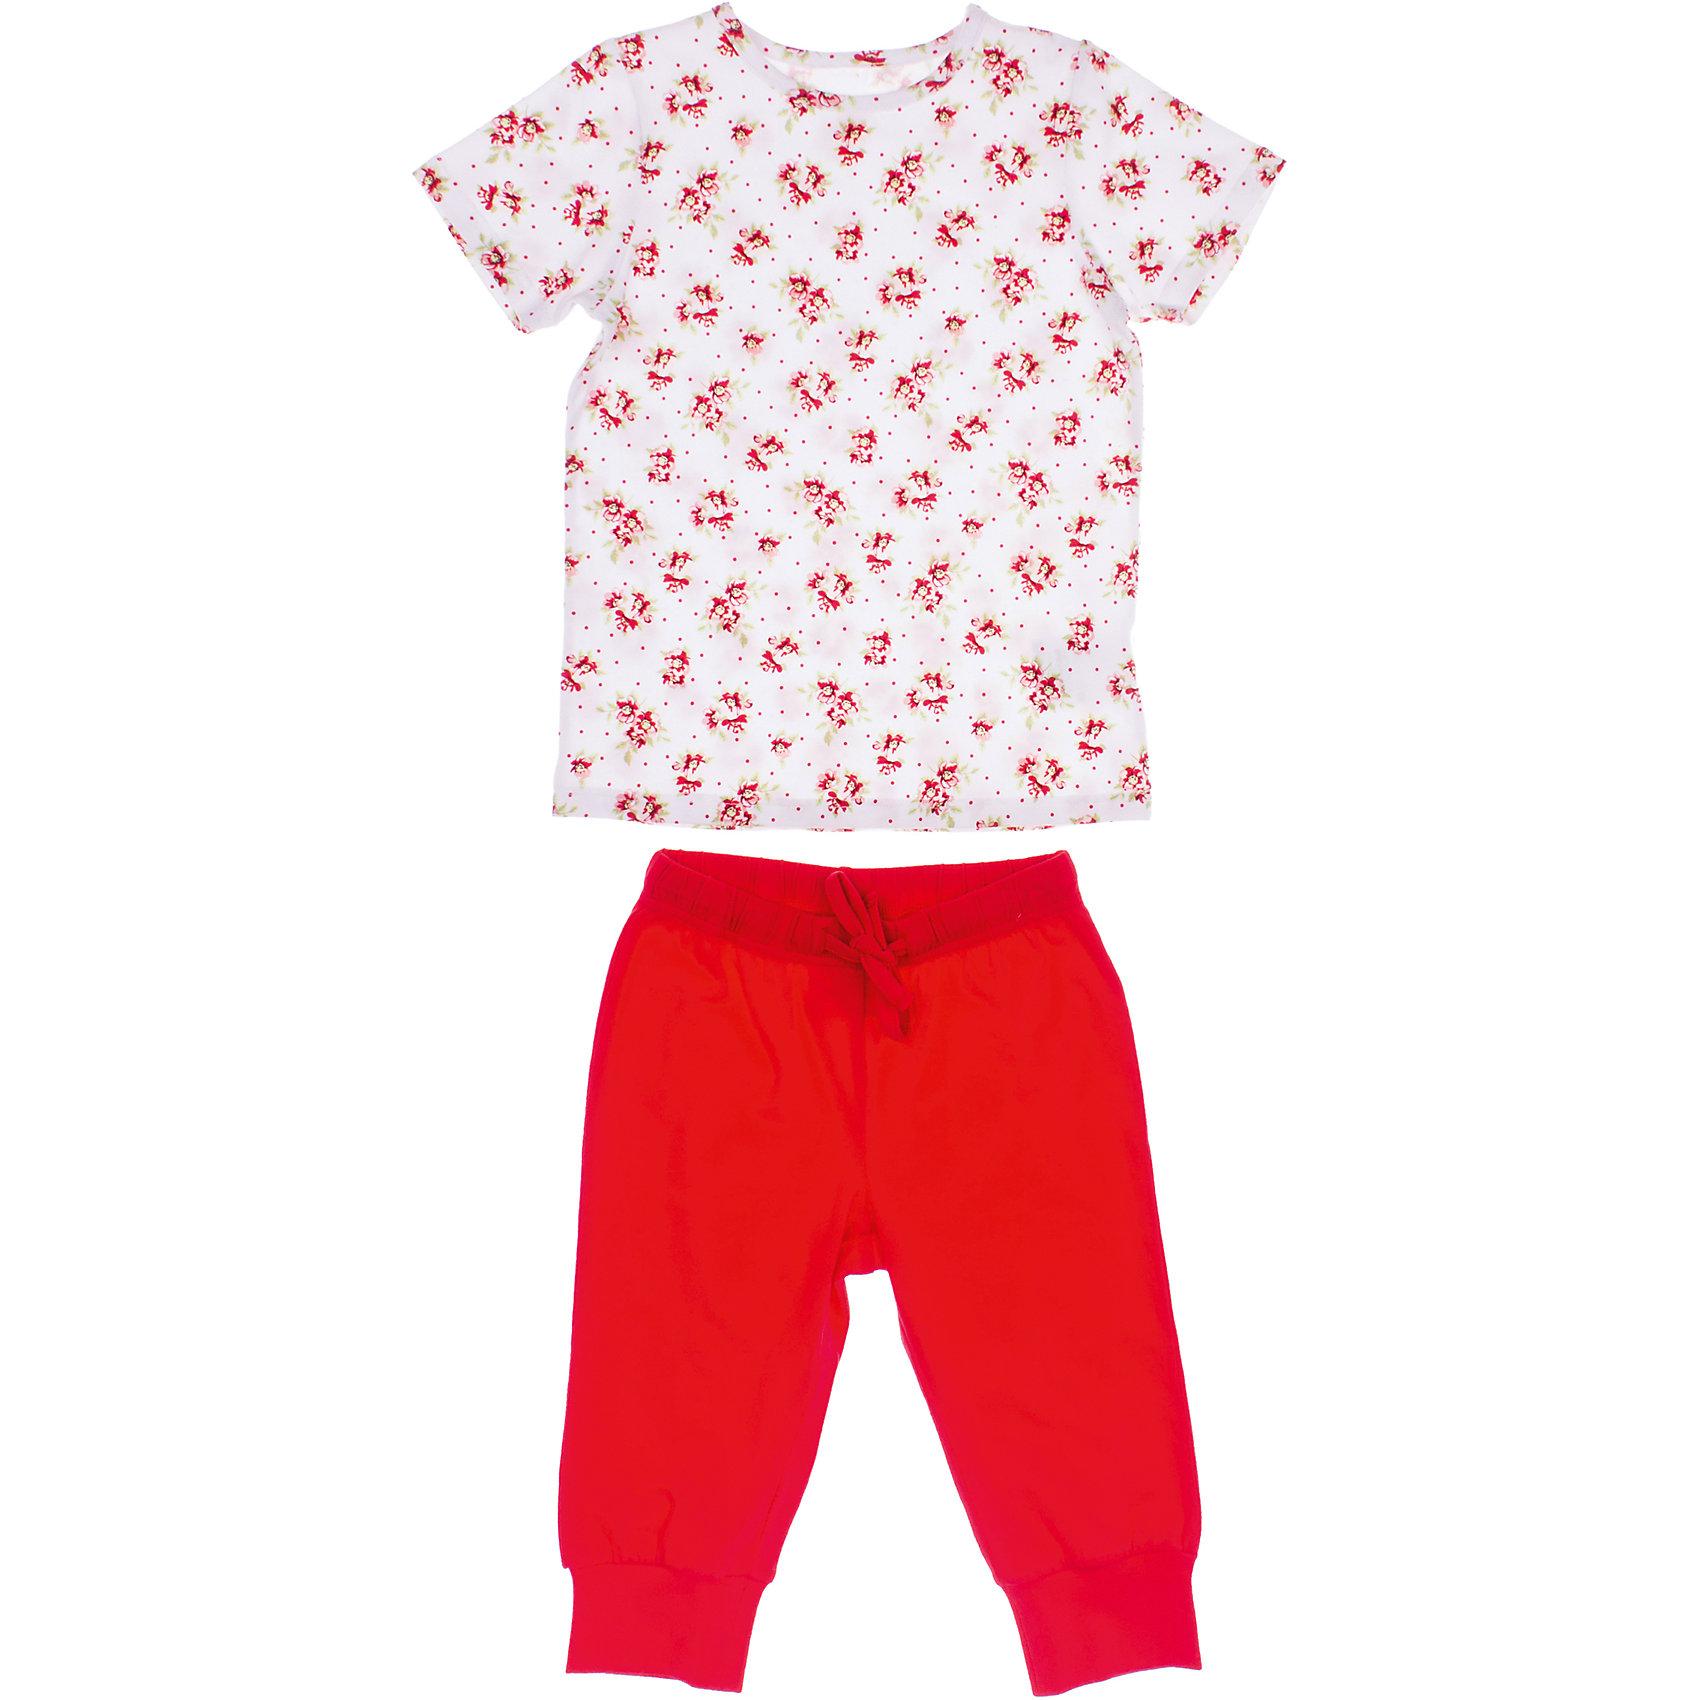 Комплект: футболка и бриджи для девочки PlayTodayКомплекты<br>Комплект: футболка и бриджи для девочки PlayToday <br><br>Состав: 95% хлопок, 5% эластан <br><br>Комплект: футболка и бриджи. <br>Ткань из органического хлопка с добавлением 5% эластана.<br><br>Ширина мм: 199<br>Глубина мм: 10<br>Высота мм: 161<br>Вес г: 151<br>Цвет: белый<br>Возраст от месяцев: 60<br>Возраст до месяцев: 72<br>Пол: Женский<br>Возраст: Детский<br>Размер: 110,116,98,104,122,128<br>SKU: 4502704